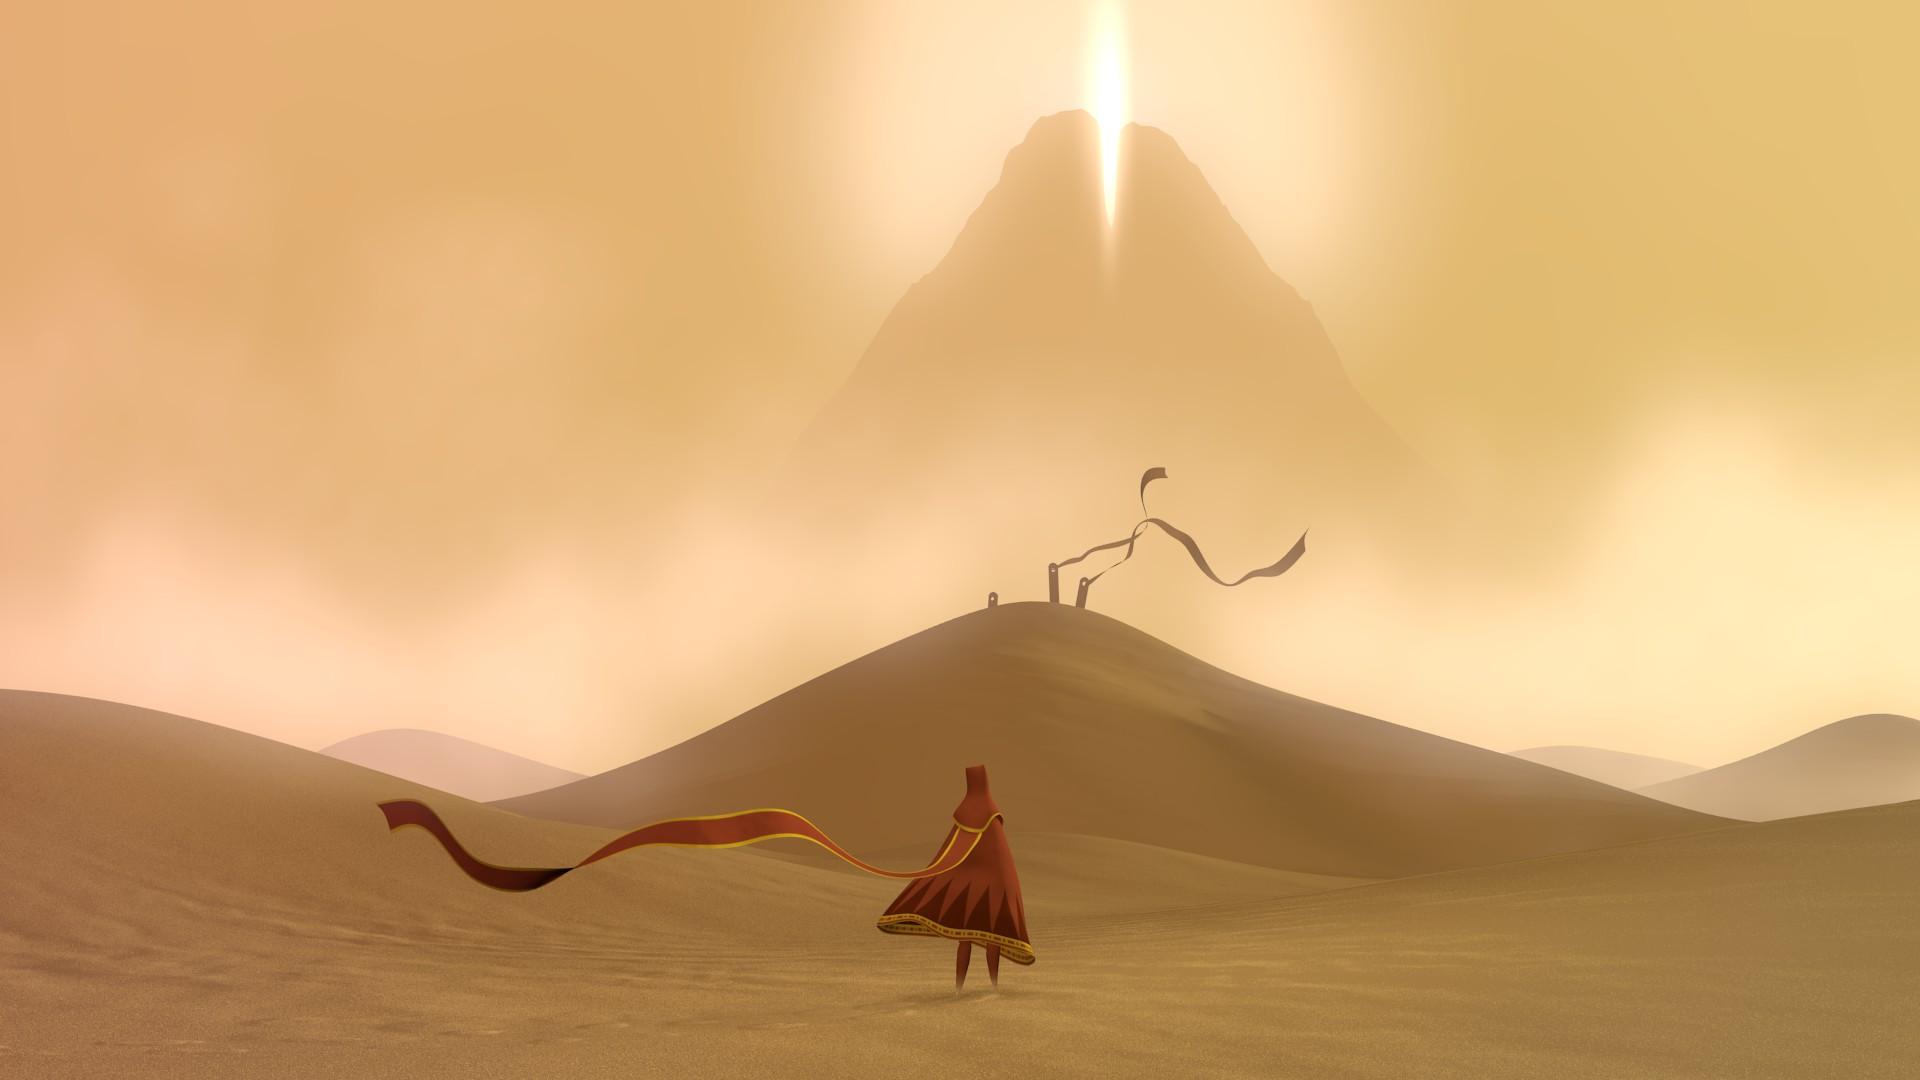 journey game desktop wallpaper